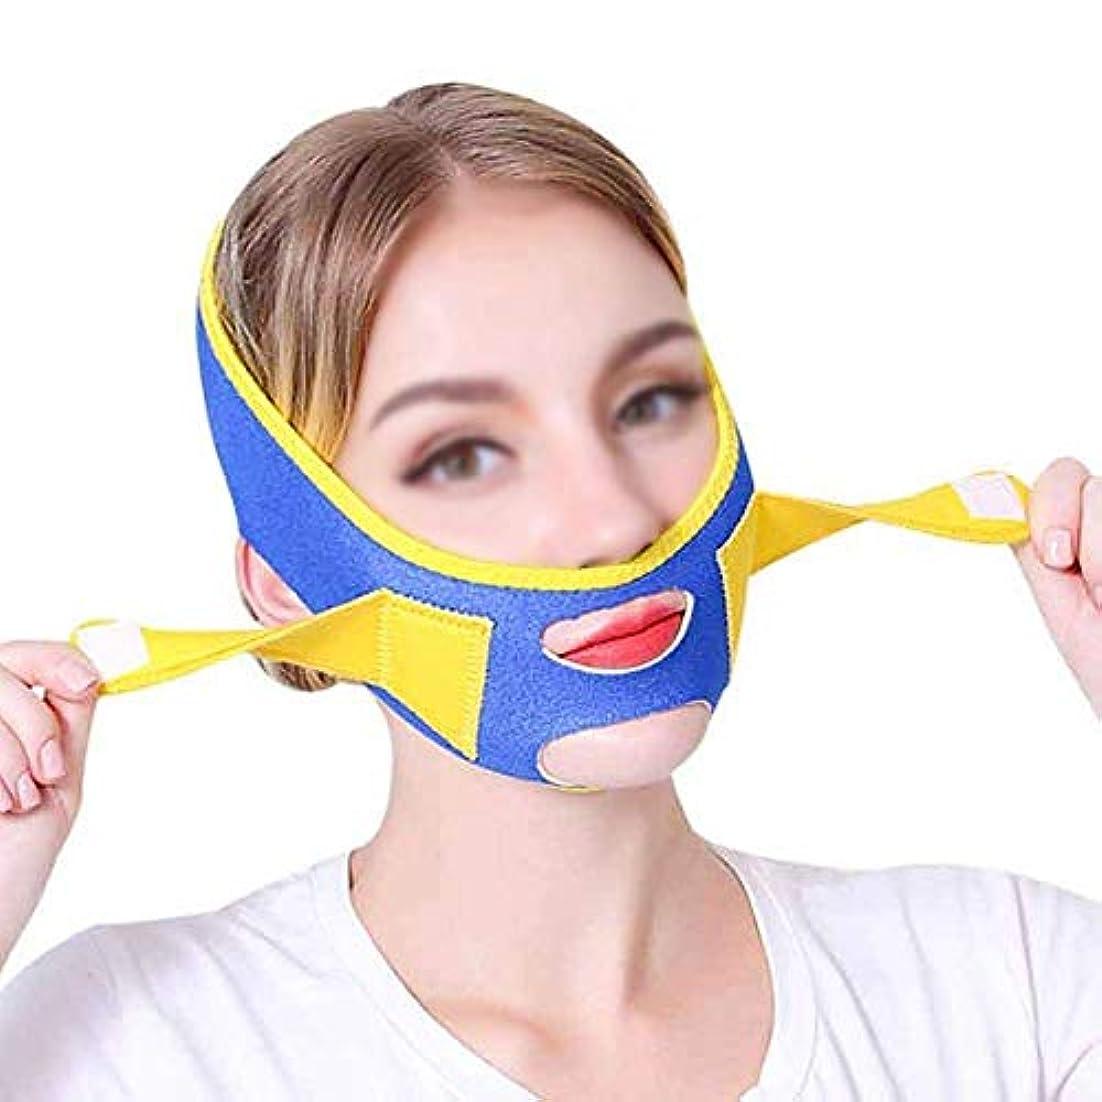 寄付するスカート電話フェイスリフトマスク、あごひも回復包帯薄いフェイスマスクVフェイスステッカーフェイスリフトステッカー韓国本物のリフティング引き締め引き締め成形薄いダブルチンフェイスリフト睡眠包帯アーティファクト